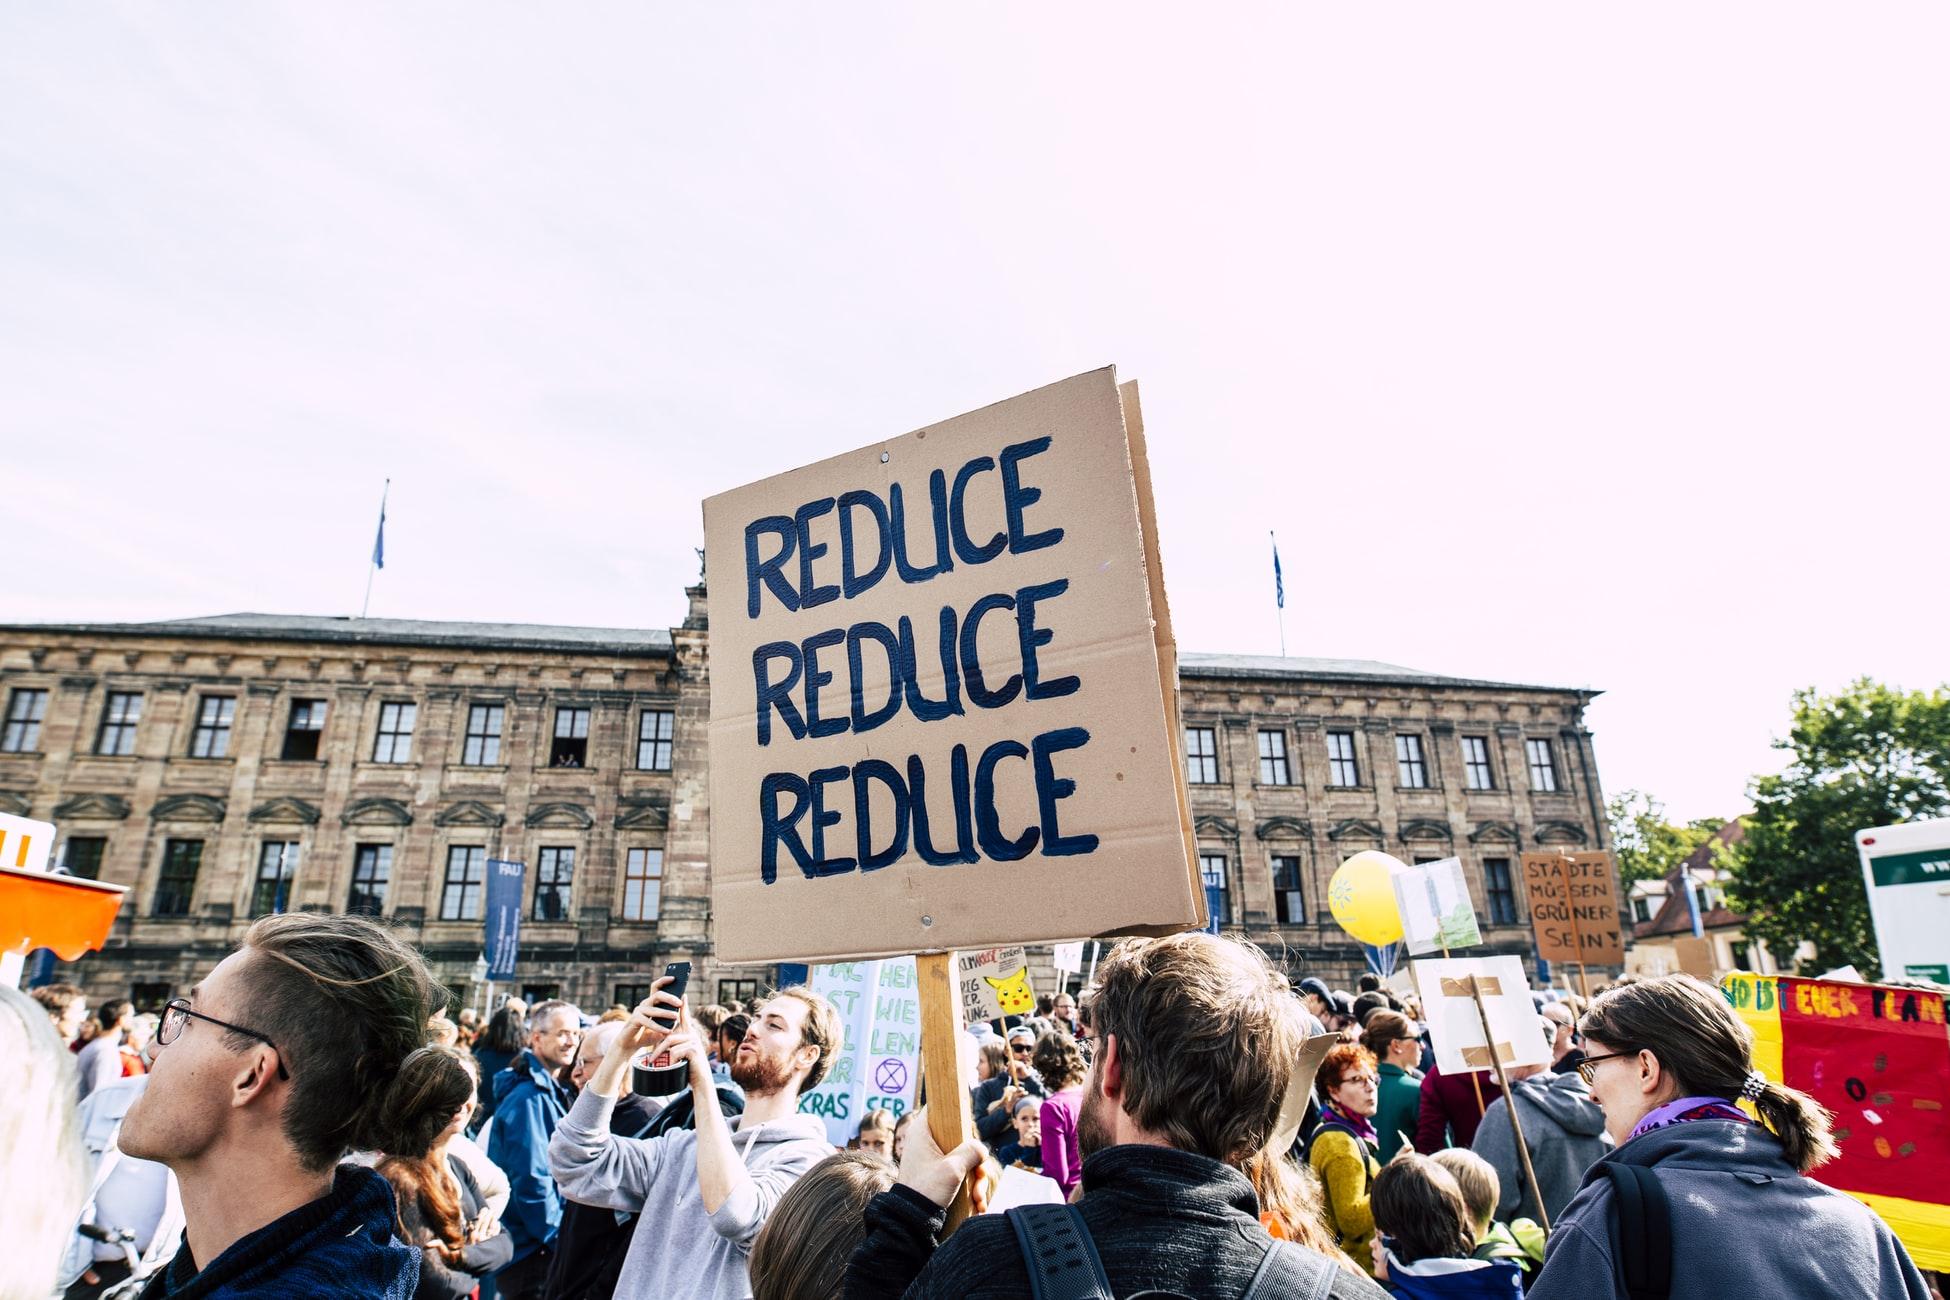 Protesta contra el calentamiento global. Foto: Markus Spiske.